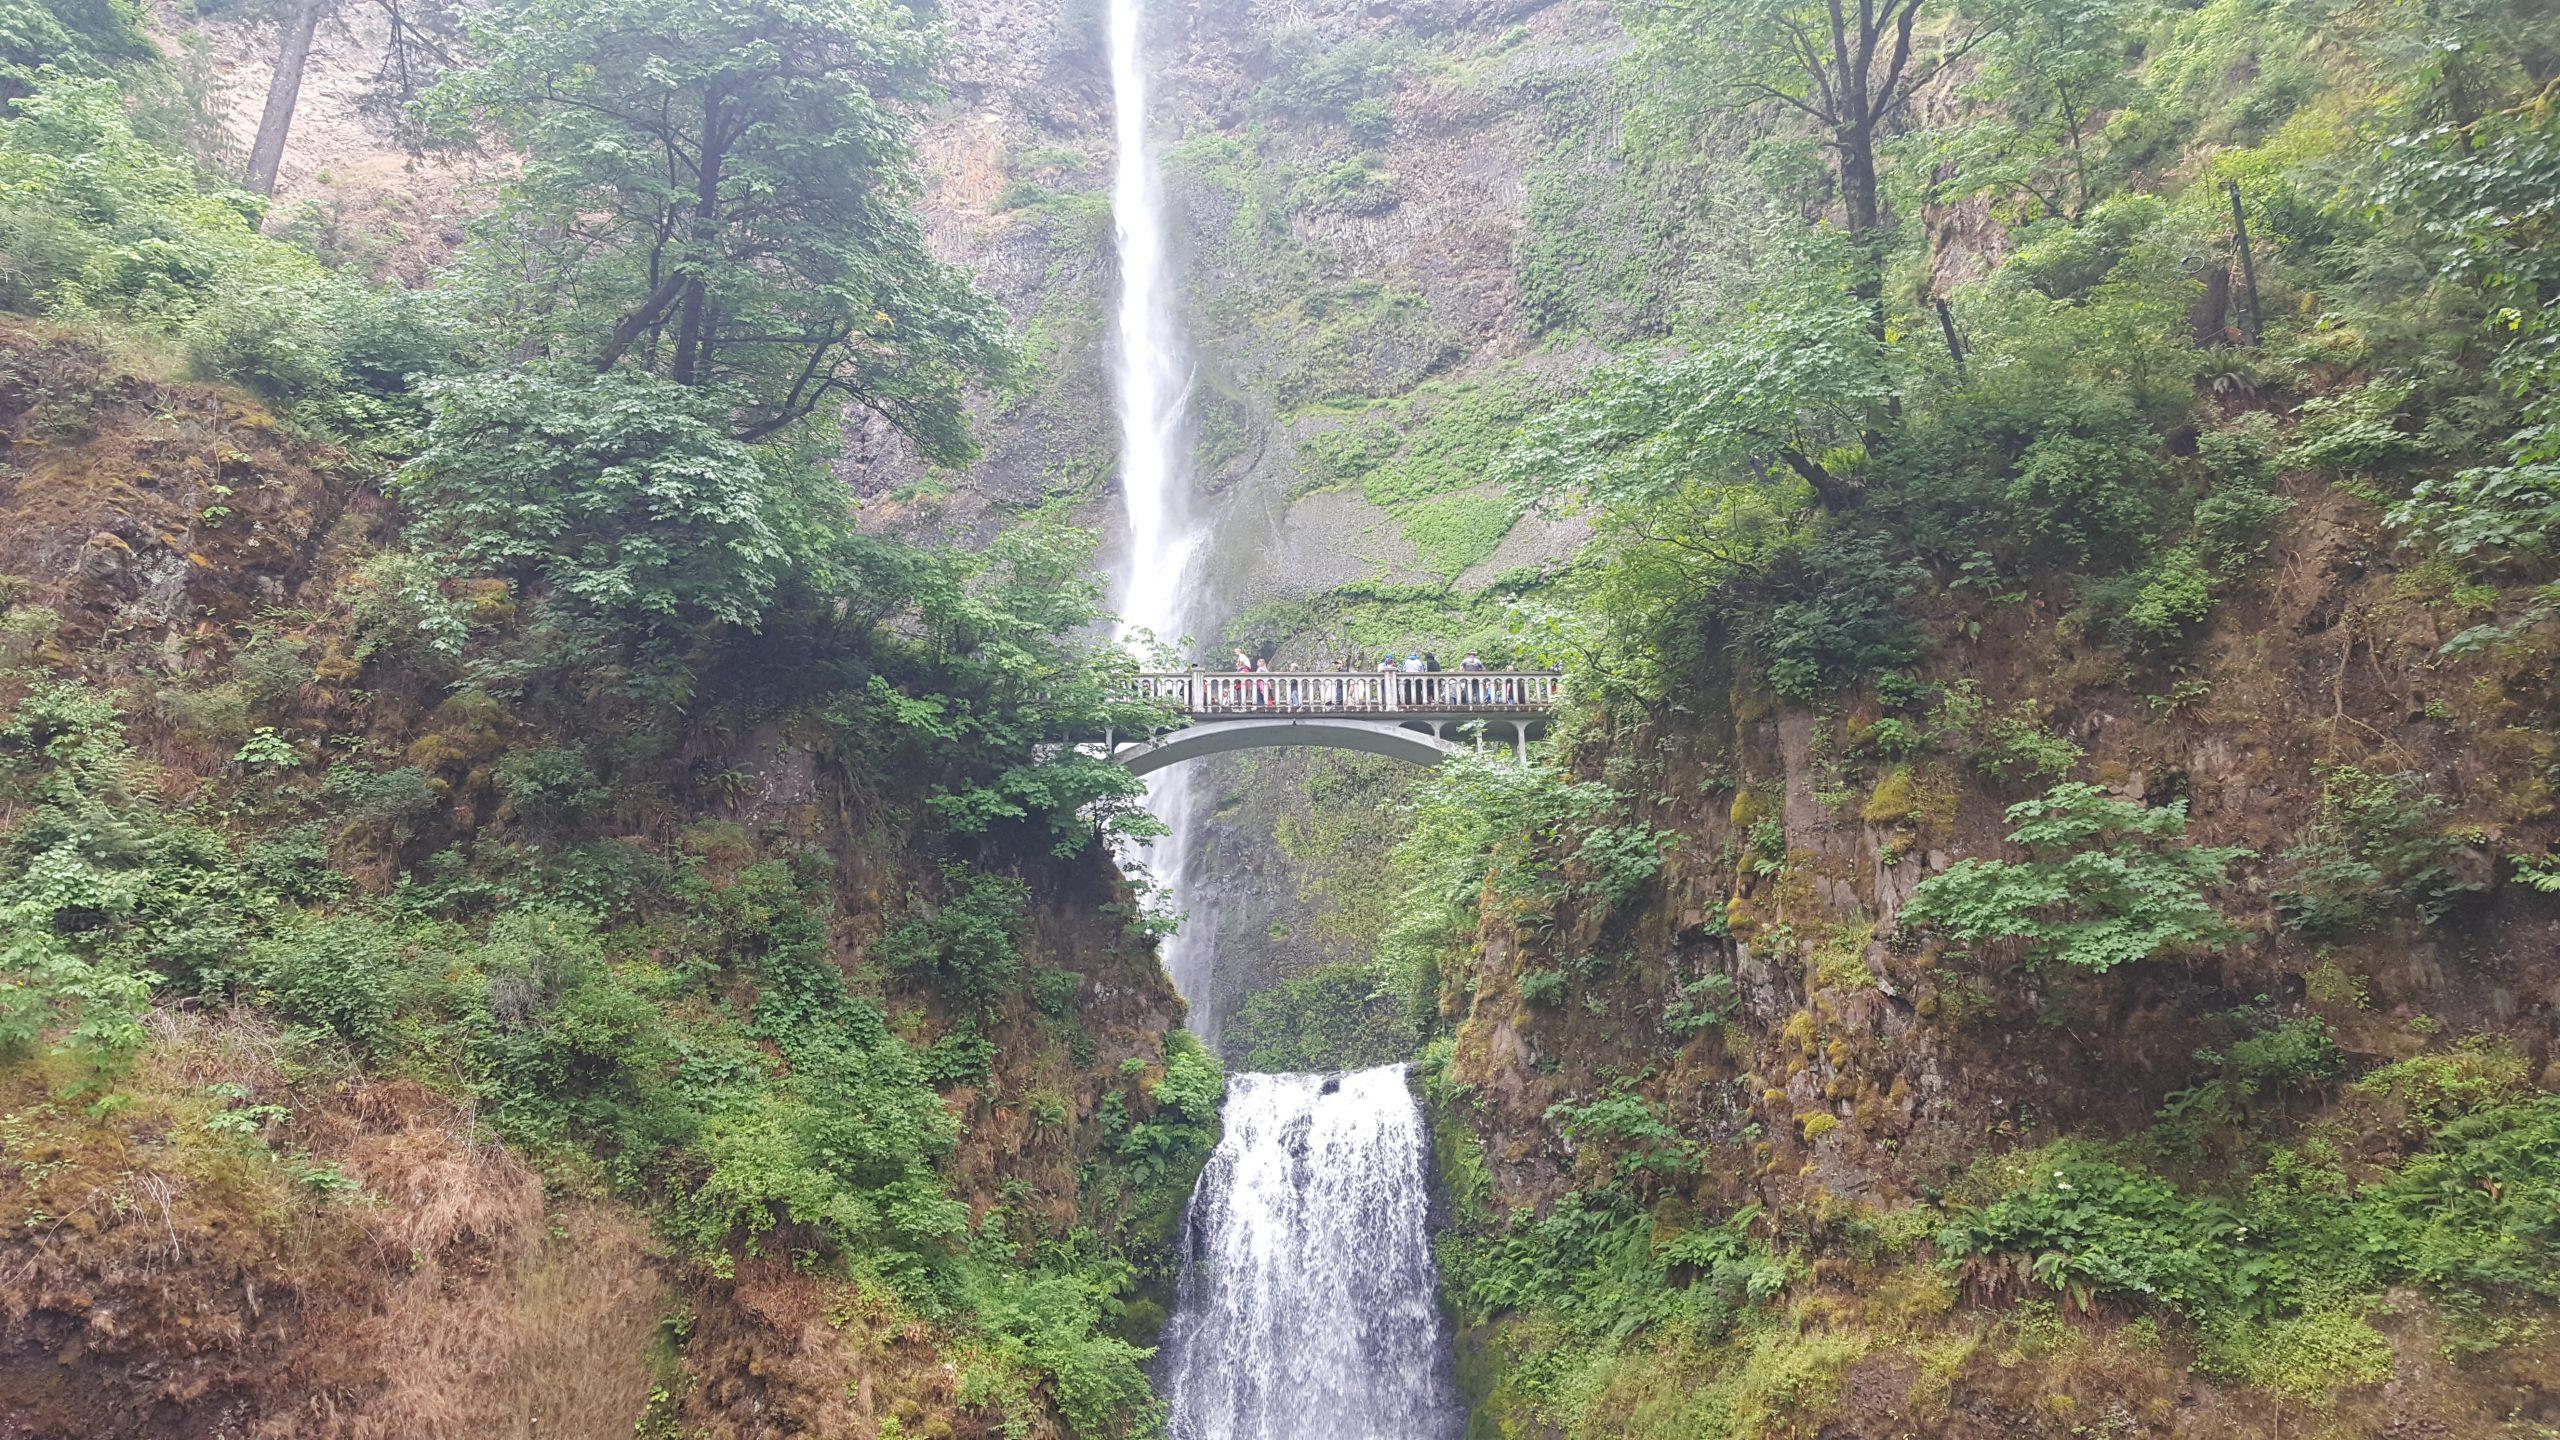 Multnomah Falls. A classic tourist spot